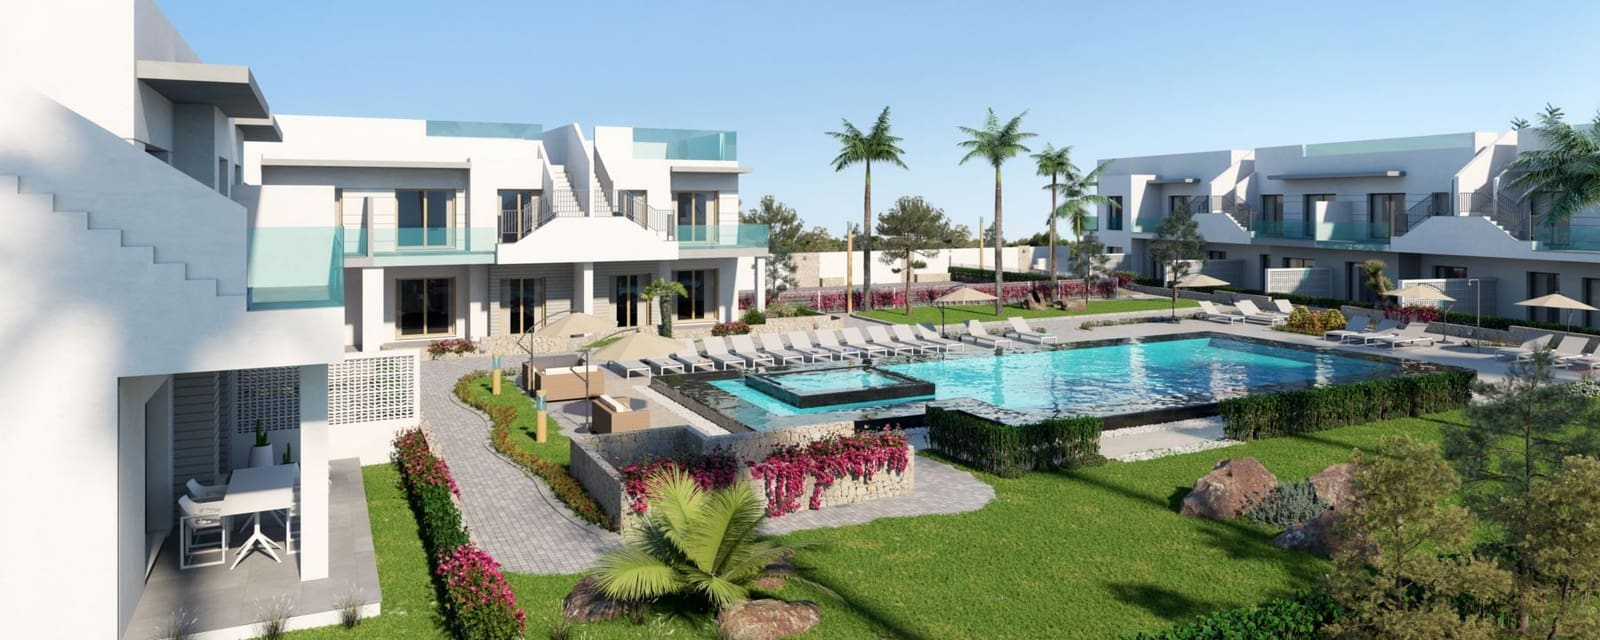 Apartamento de 2 habitaciones en Pilar de la Horadada en venta con piscina - 141.000 € (Ref: 5098935)